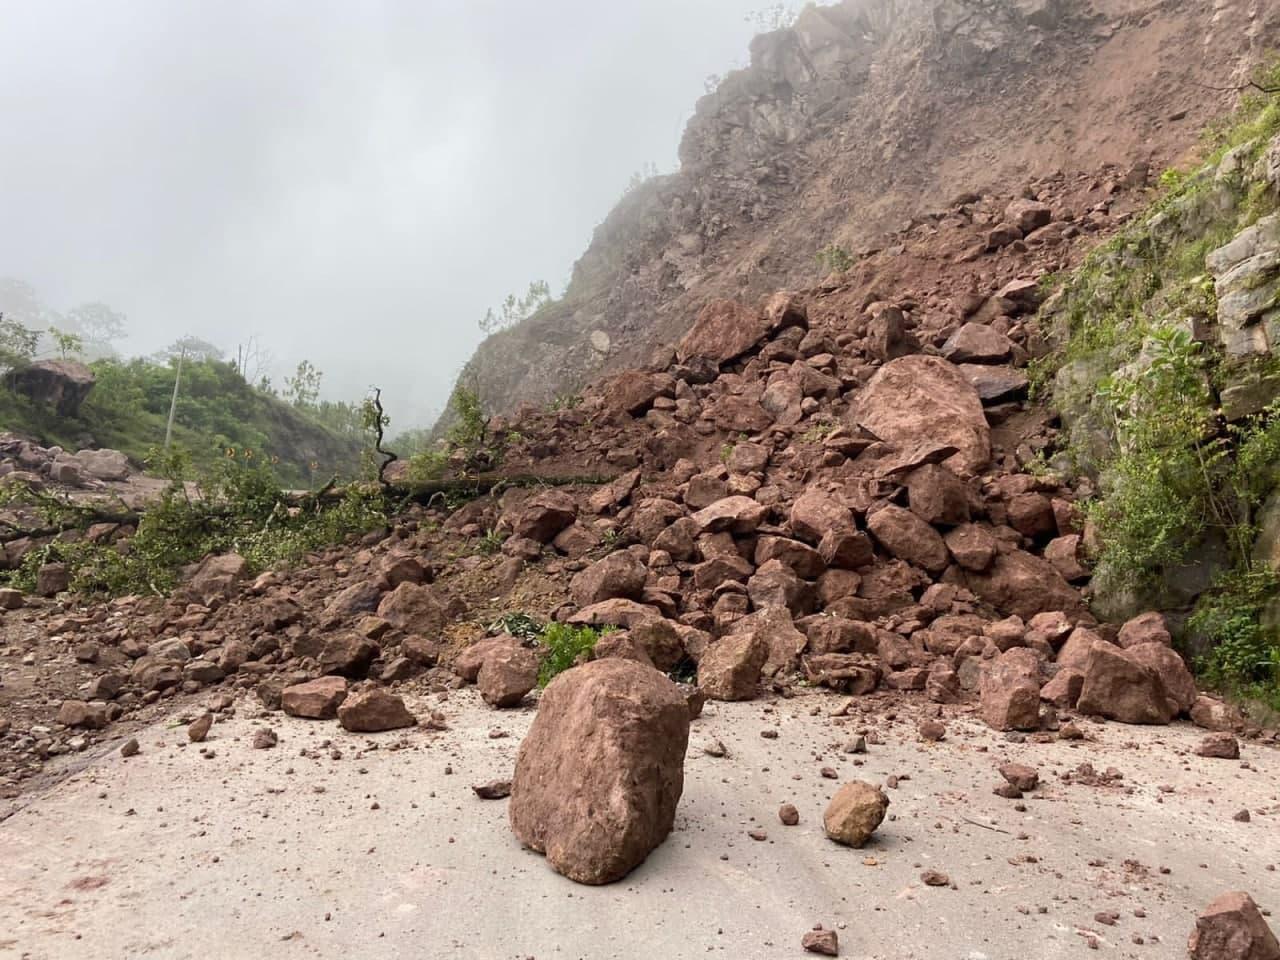 La SIOP atiende derrumbe en el km 30 de la carretera Mascota-Las Palmas-Puerto Vallarta; tome sus precauciones